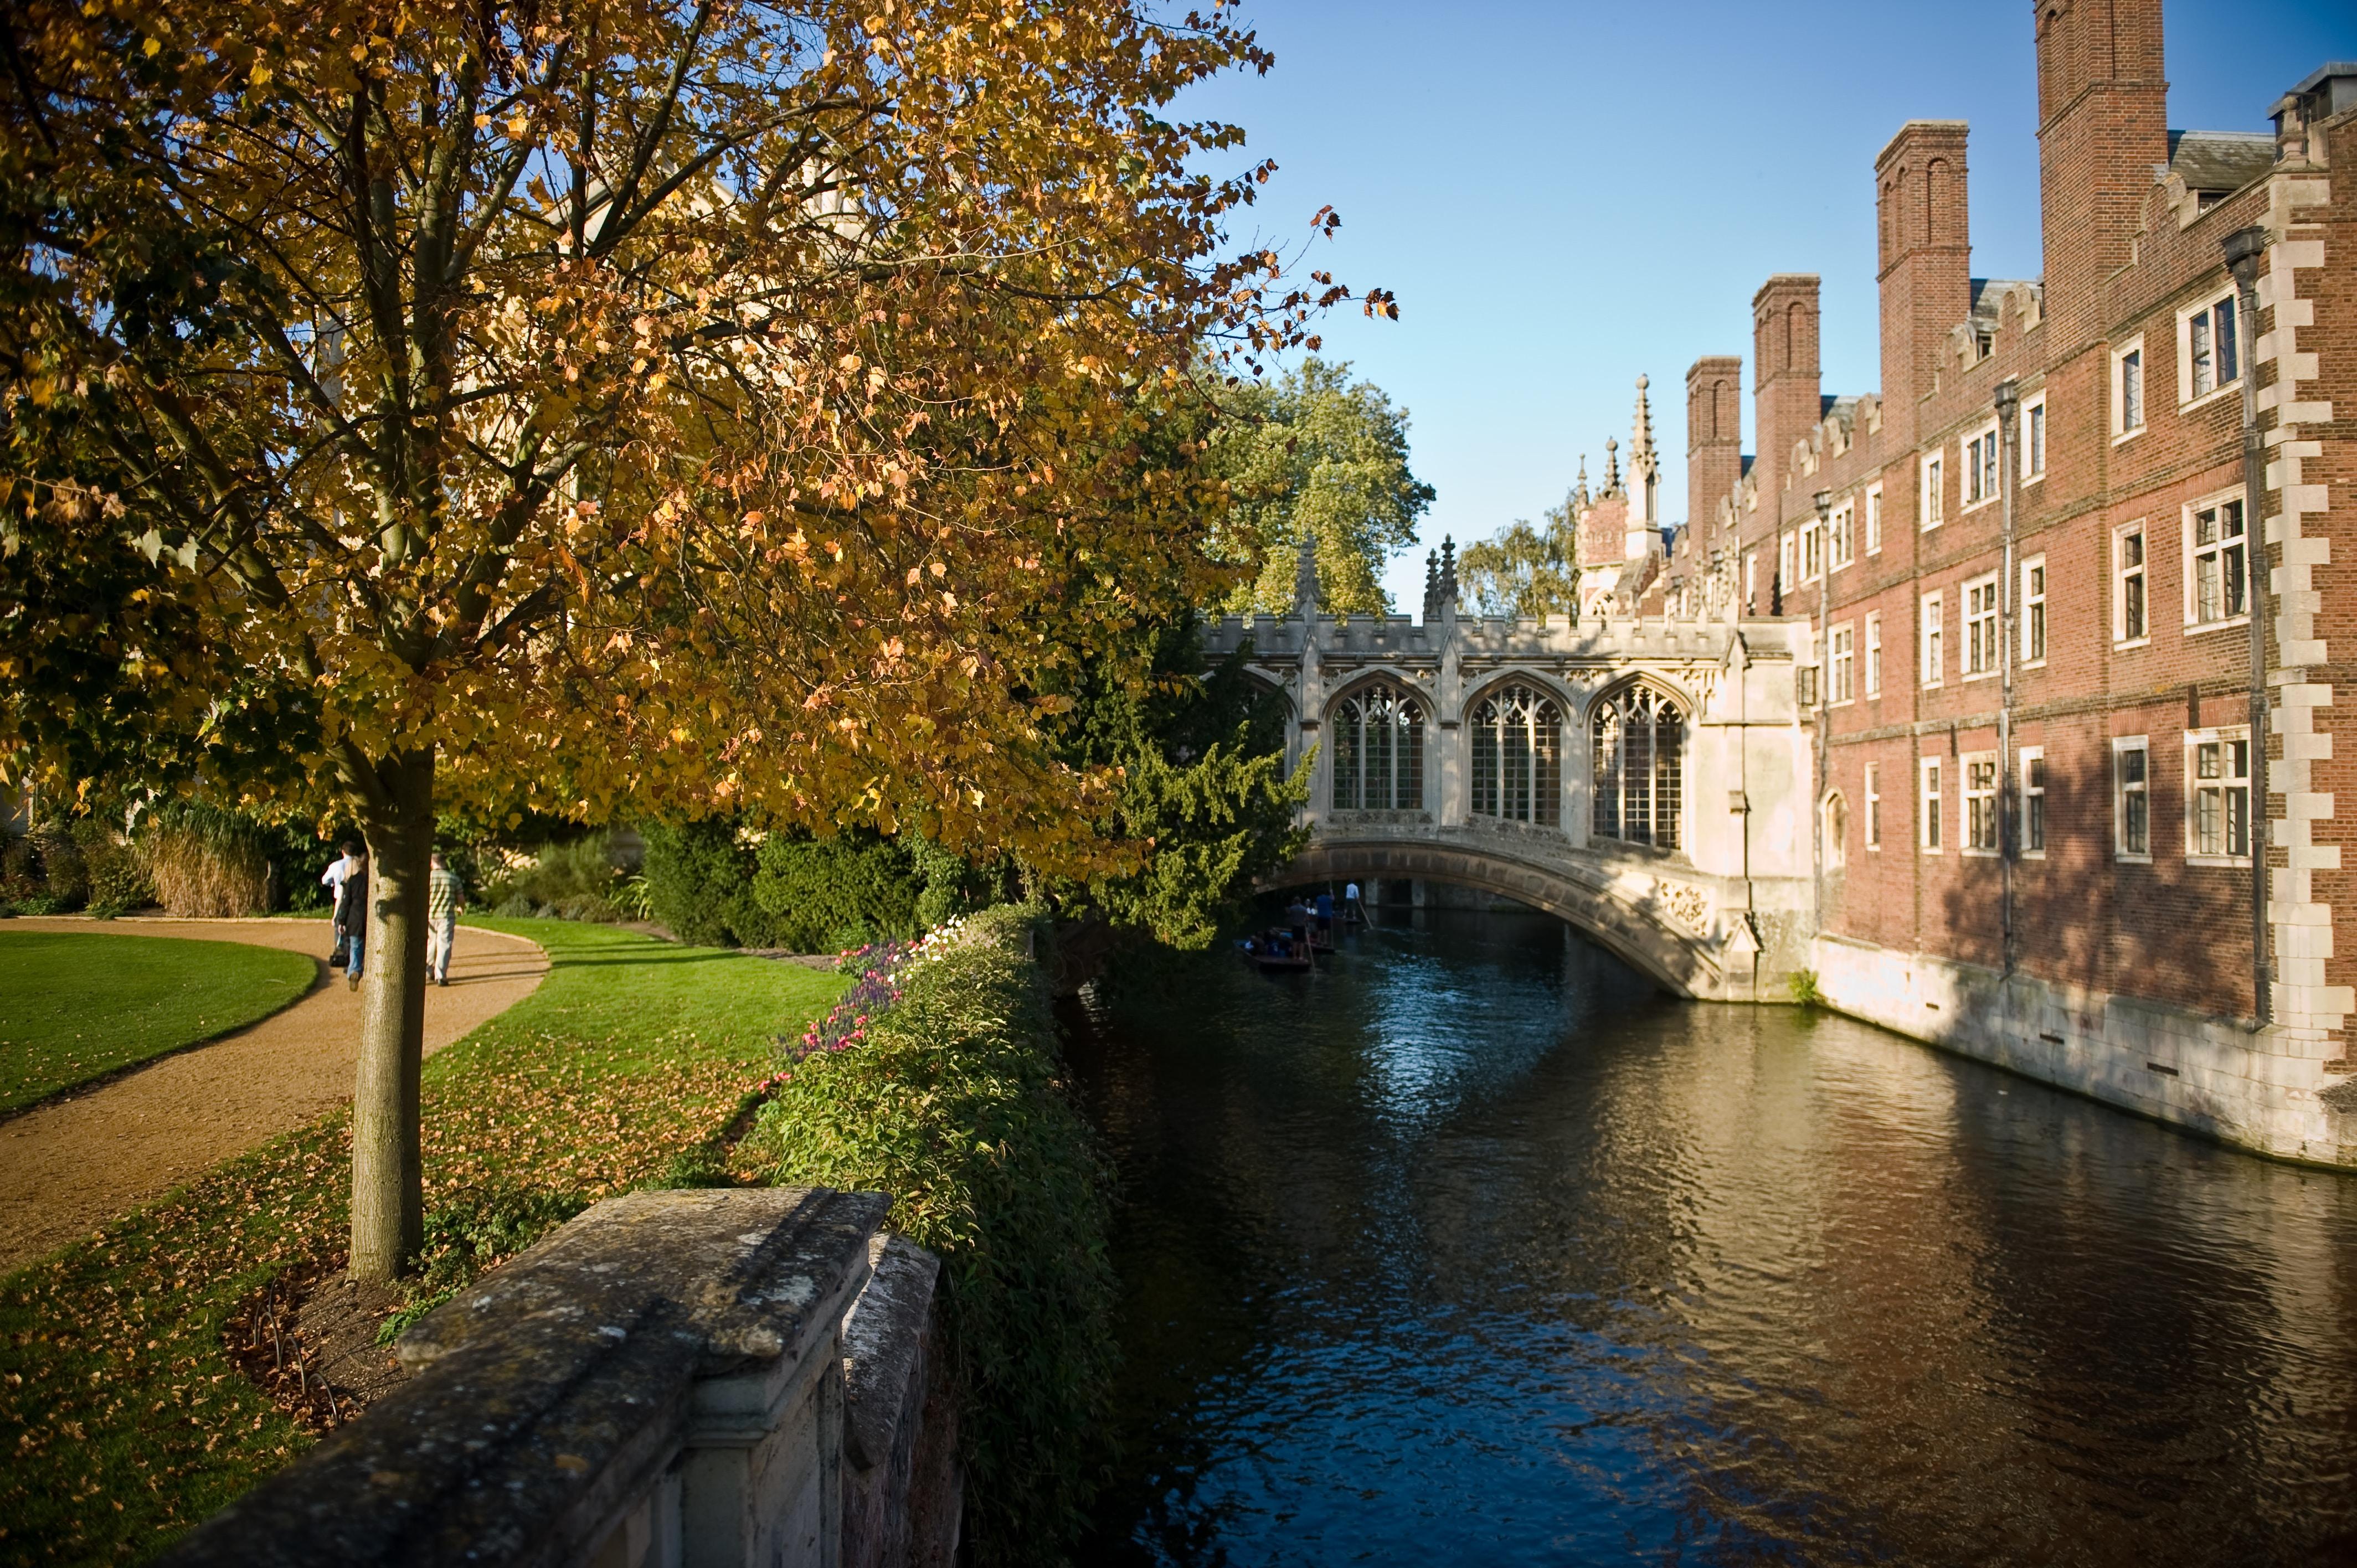 Billeder fra området - Cambridge